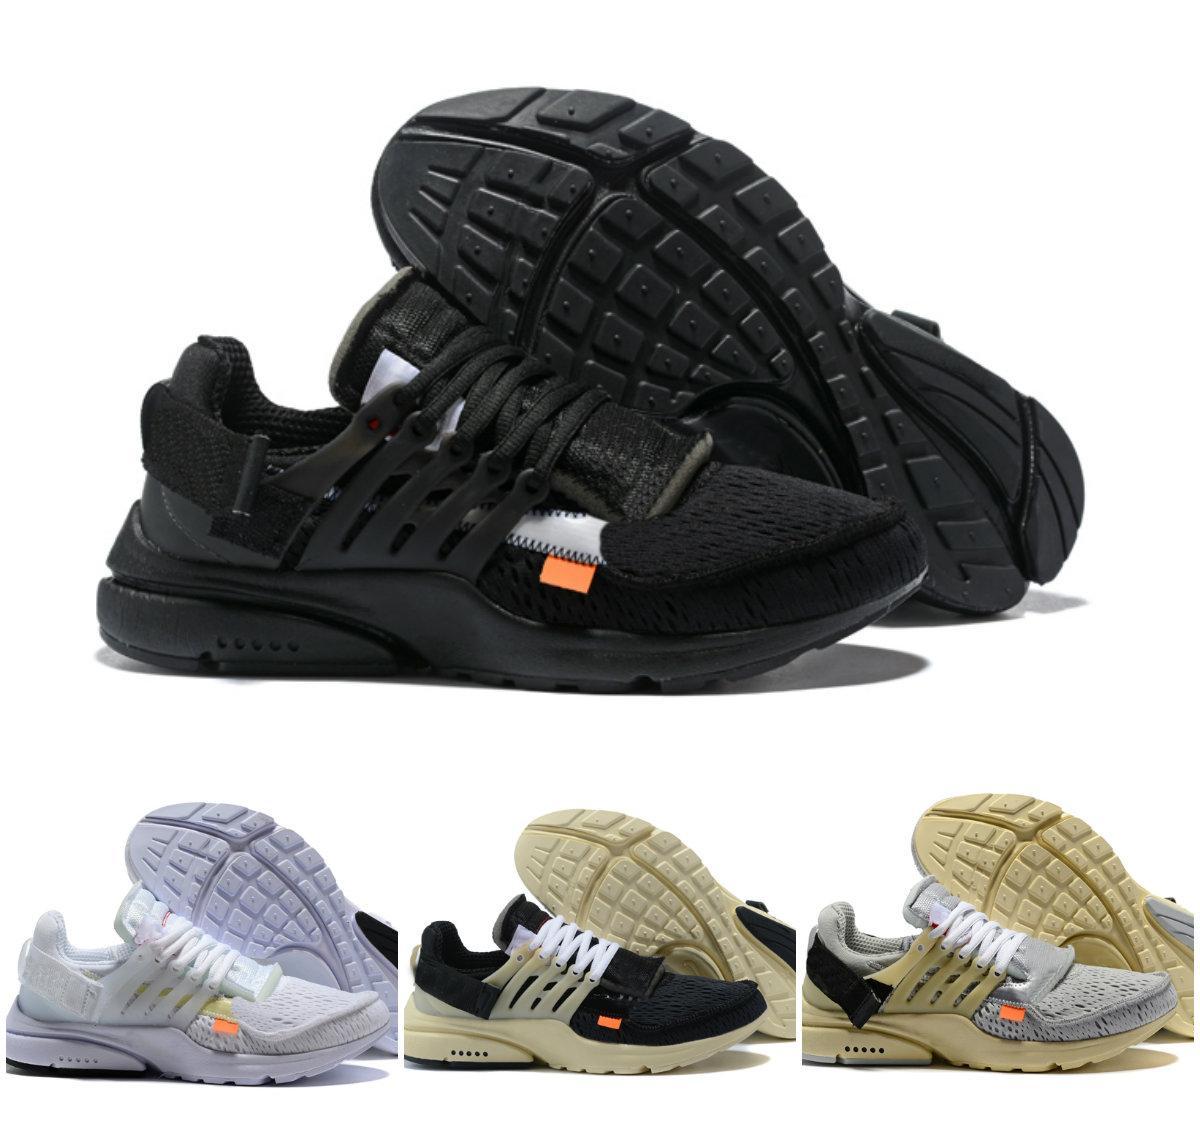 2020 Nueva Presto V2 Ultra BR TP QS blanco del negro X entrenador deportivo zapatos del amortiguador de aire barato prestos hombres de las mujeres a estrenar las zapatillas de deporte de moda Trainer